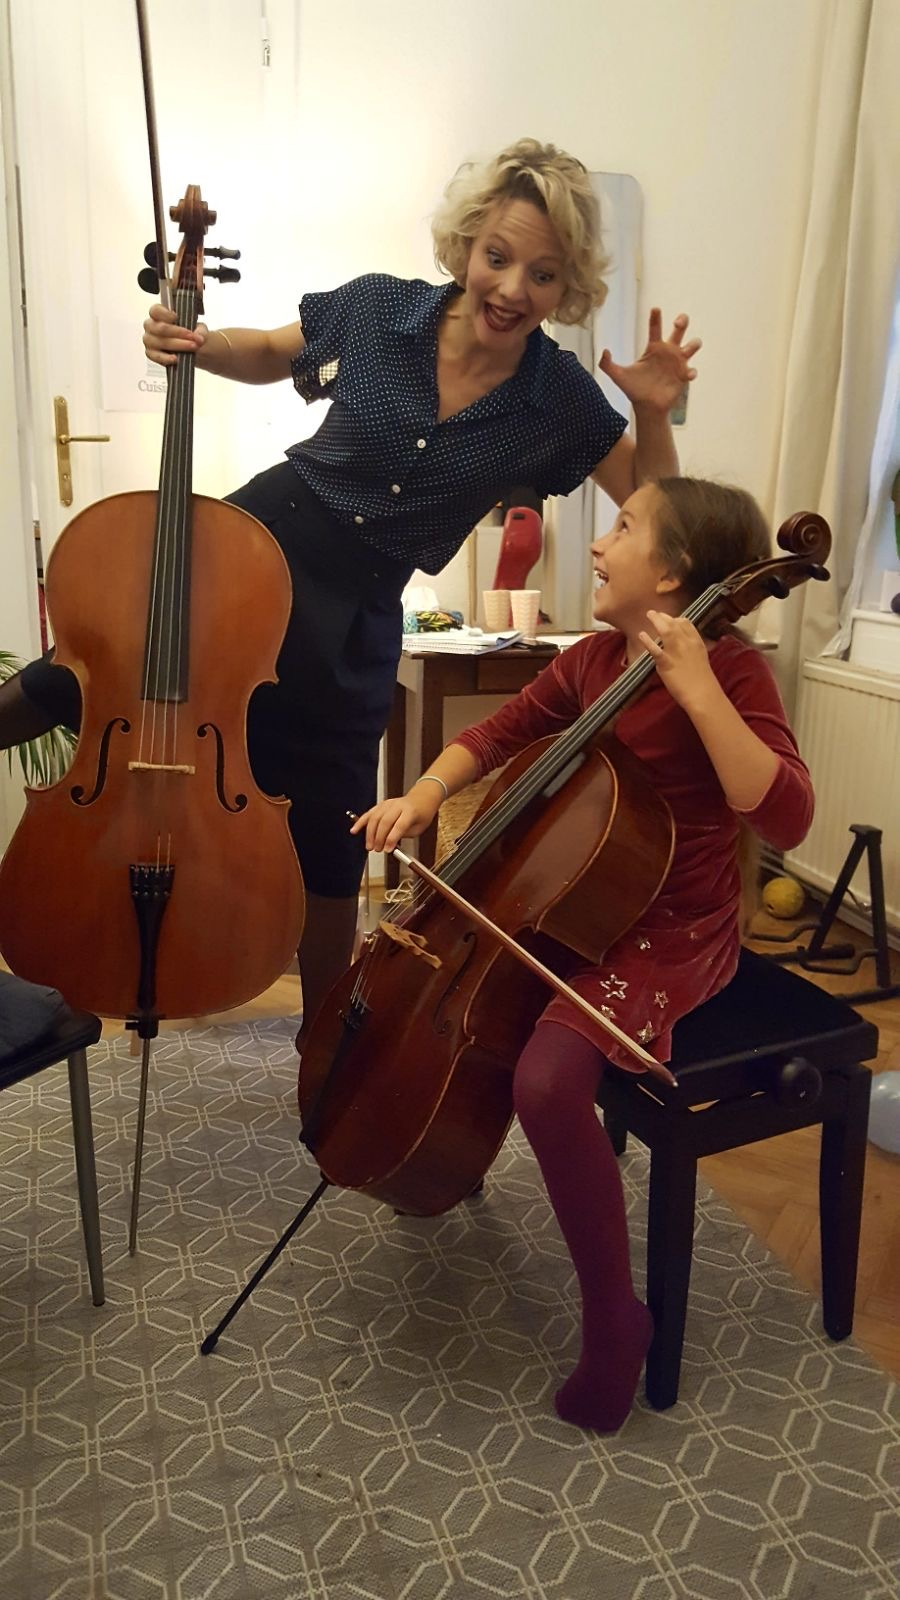 Cellounterricht für Kinder